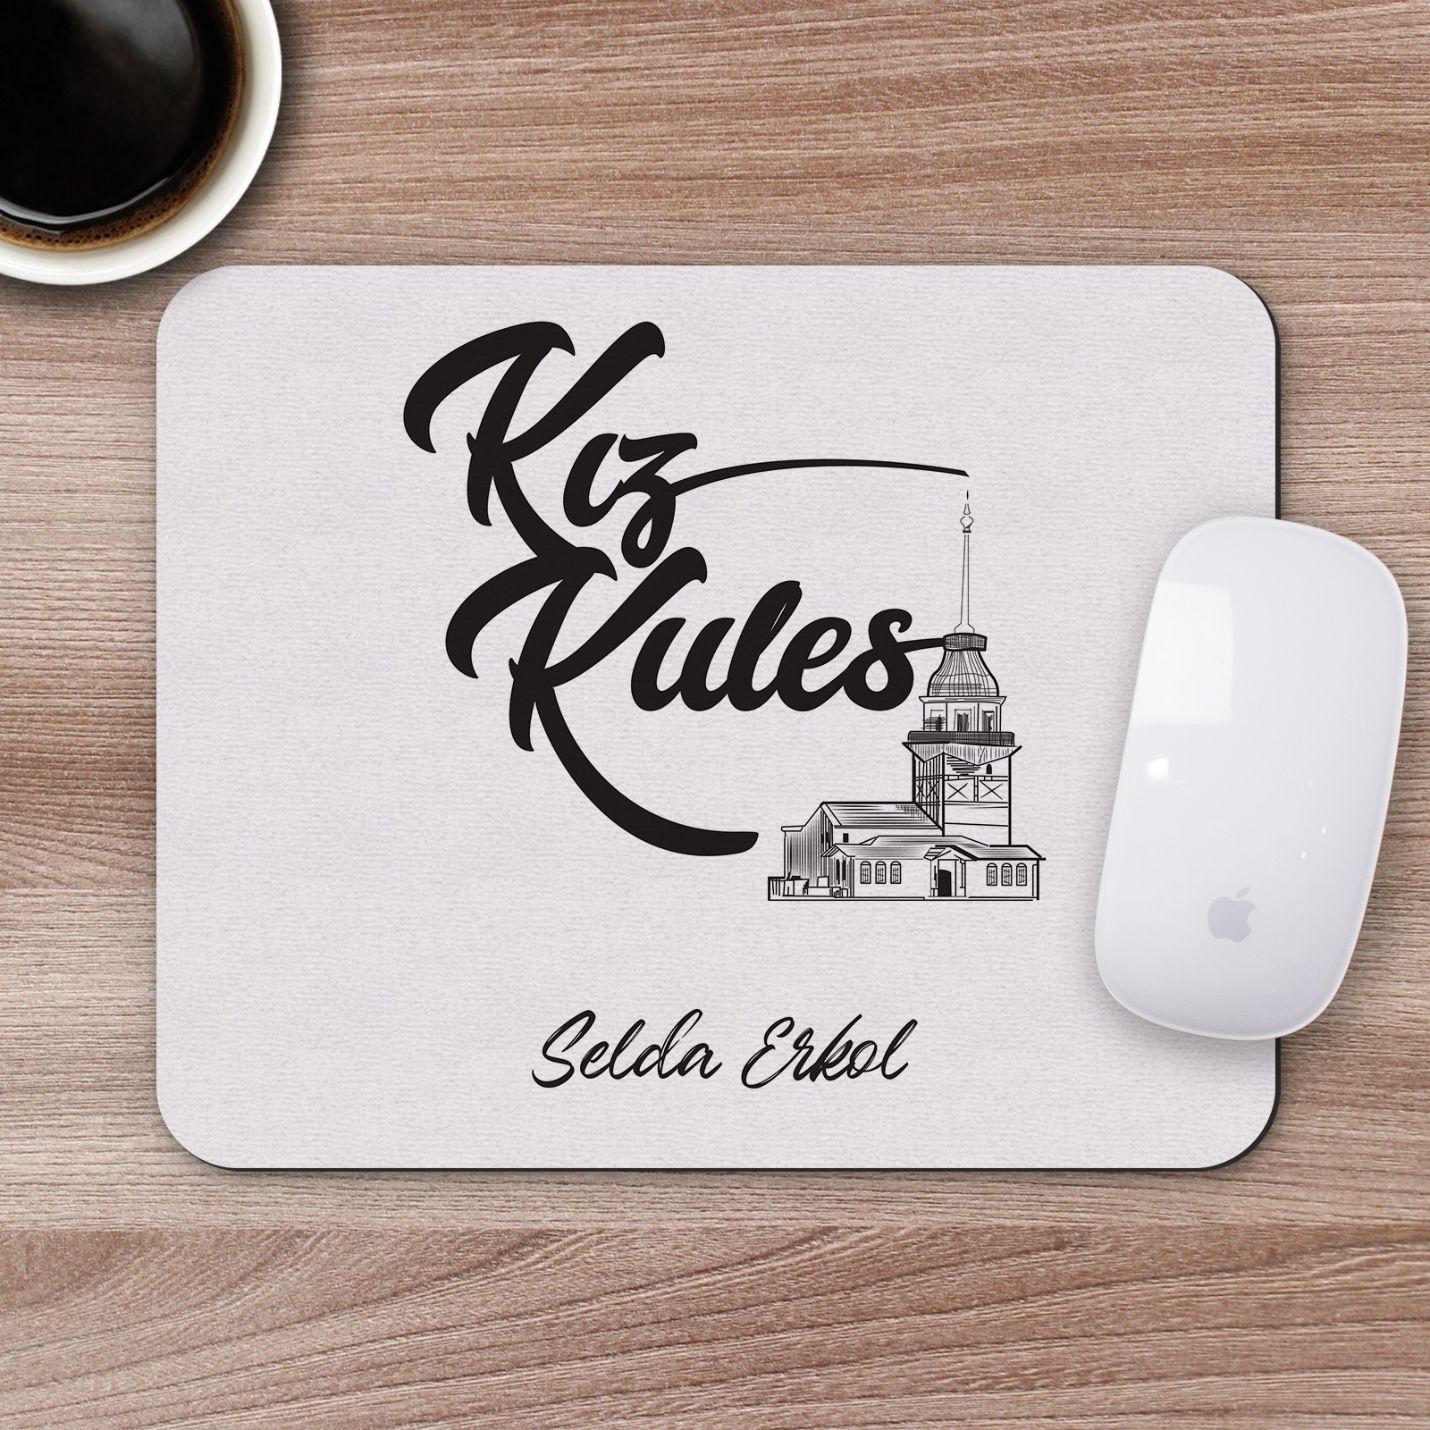 Kişiye Özel Kız Kulesi Tasarımlı Mousepad